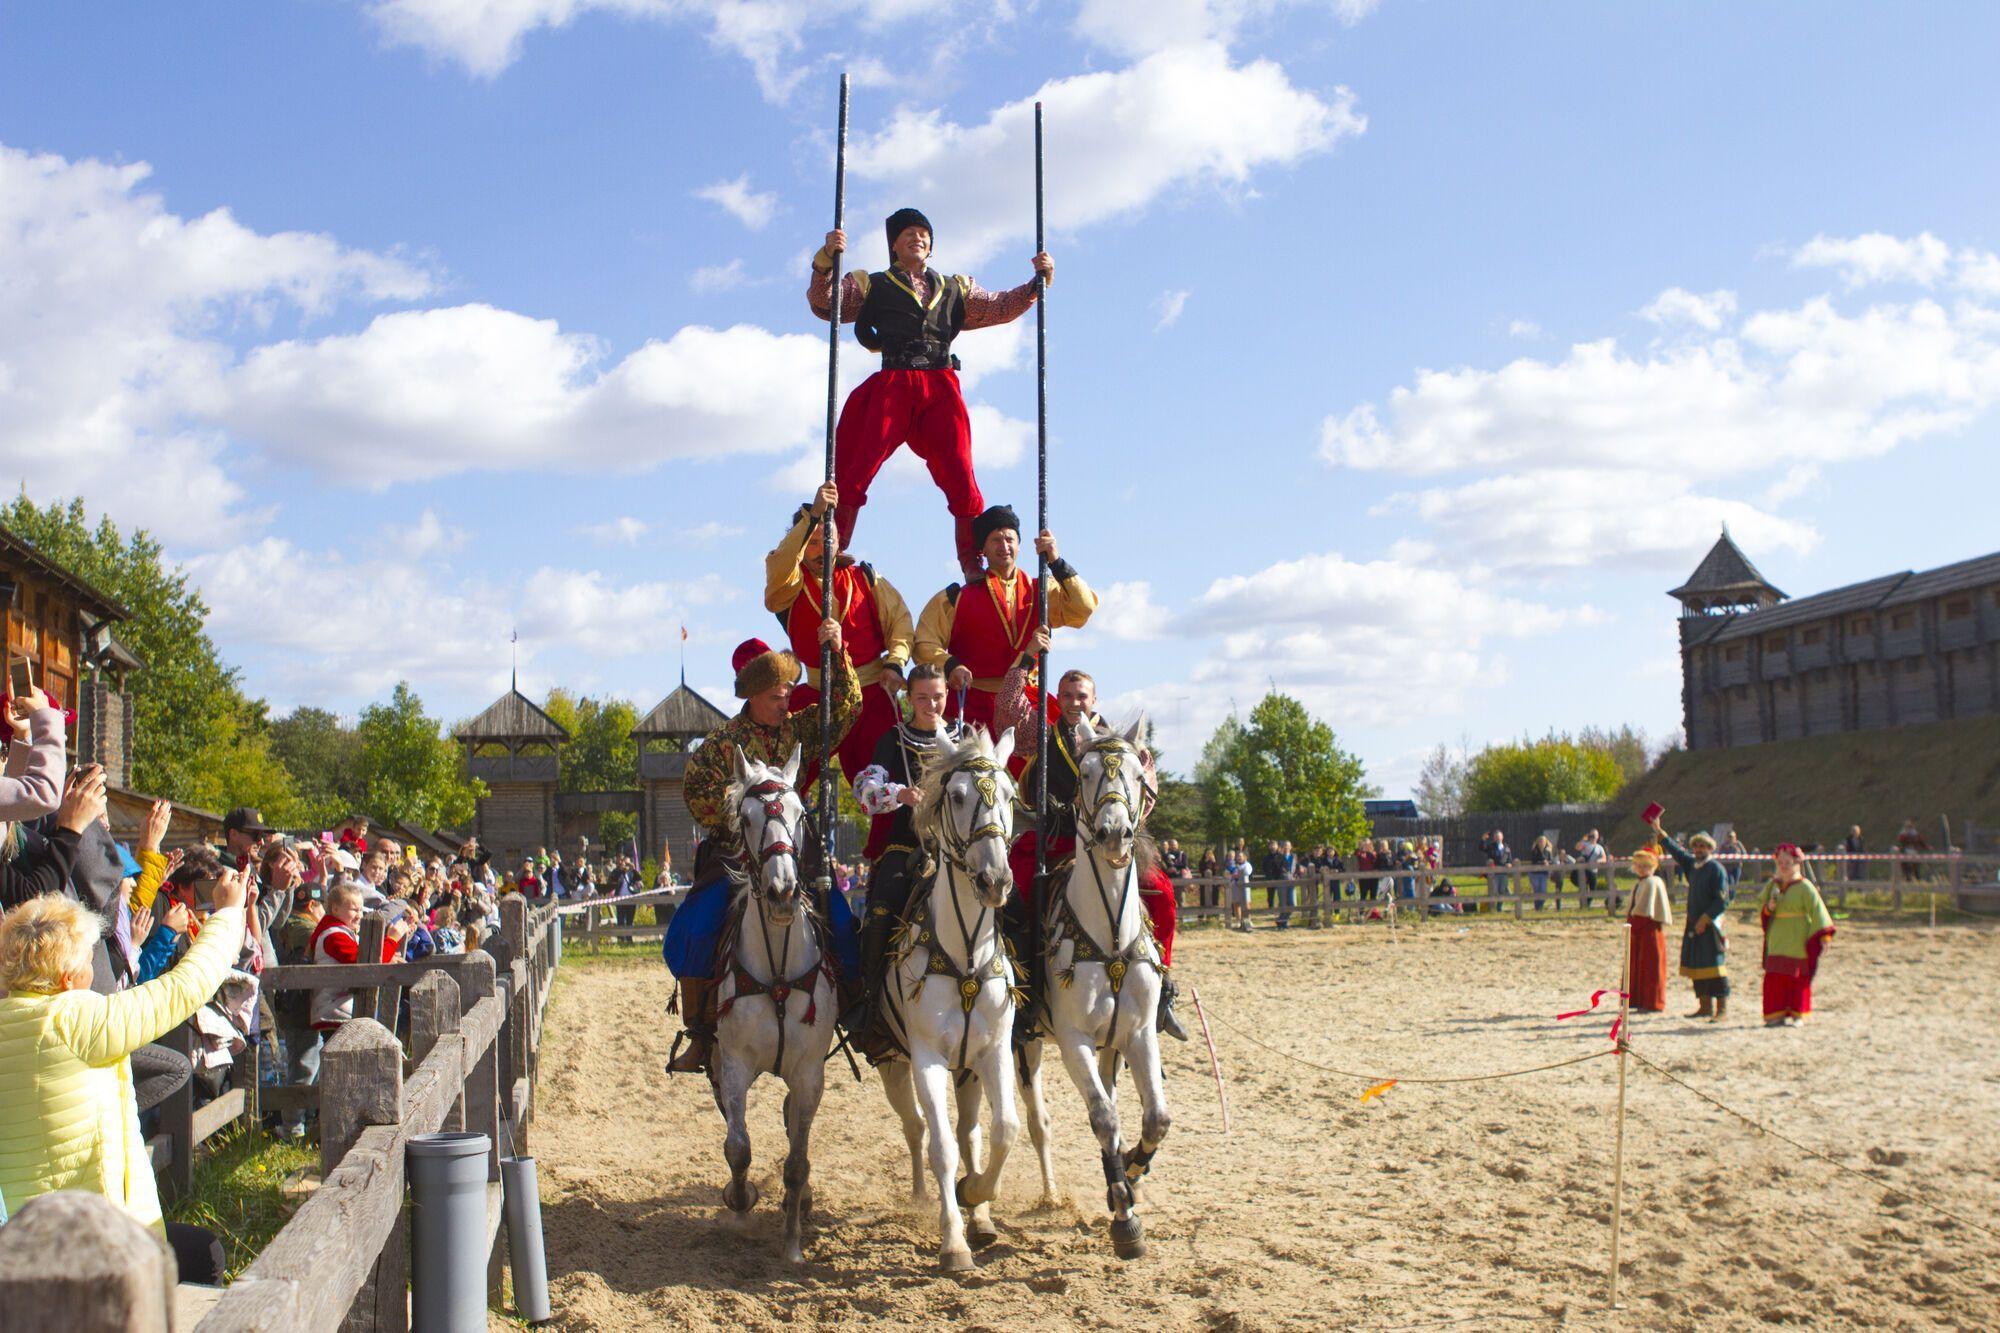 """В """"Парке Киевская Русь"""" состоялся фестиваль конно-трюкового искусства """"Кентавры"""". Фото"""